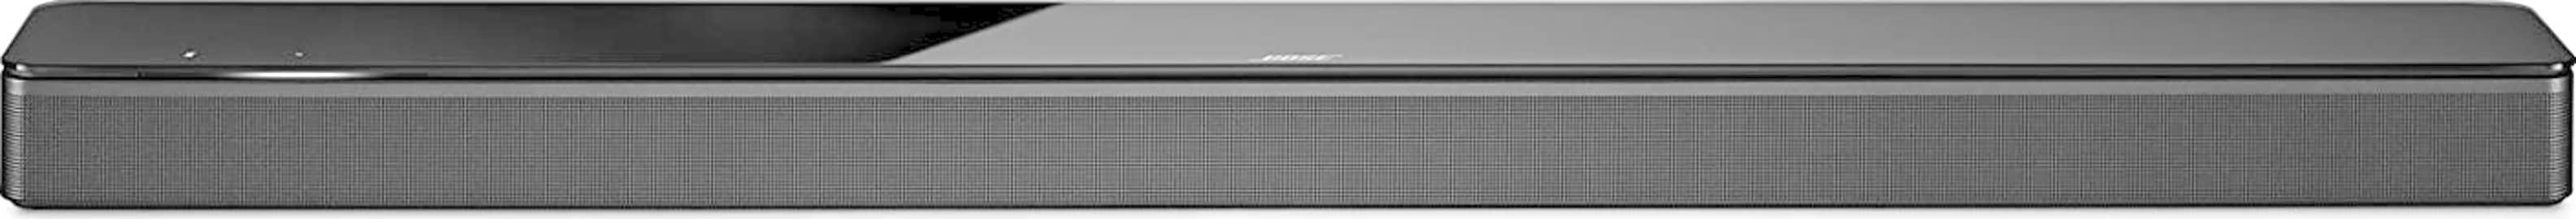 Bose 700